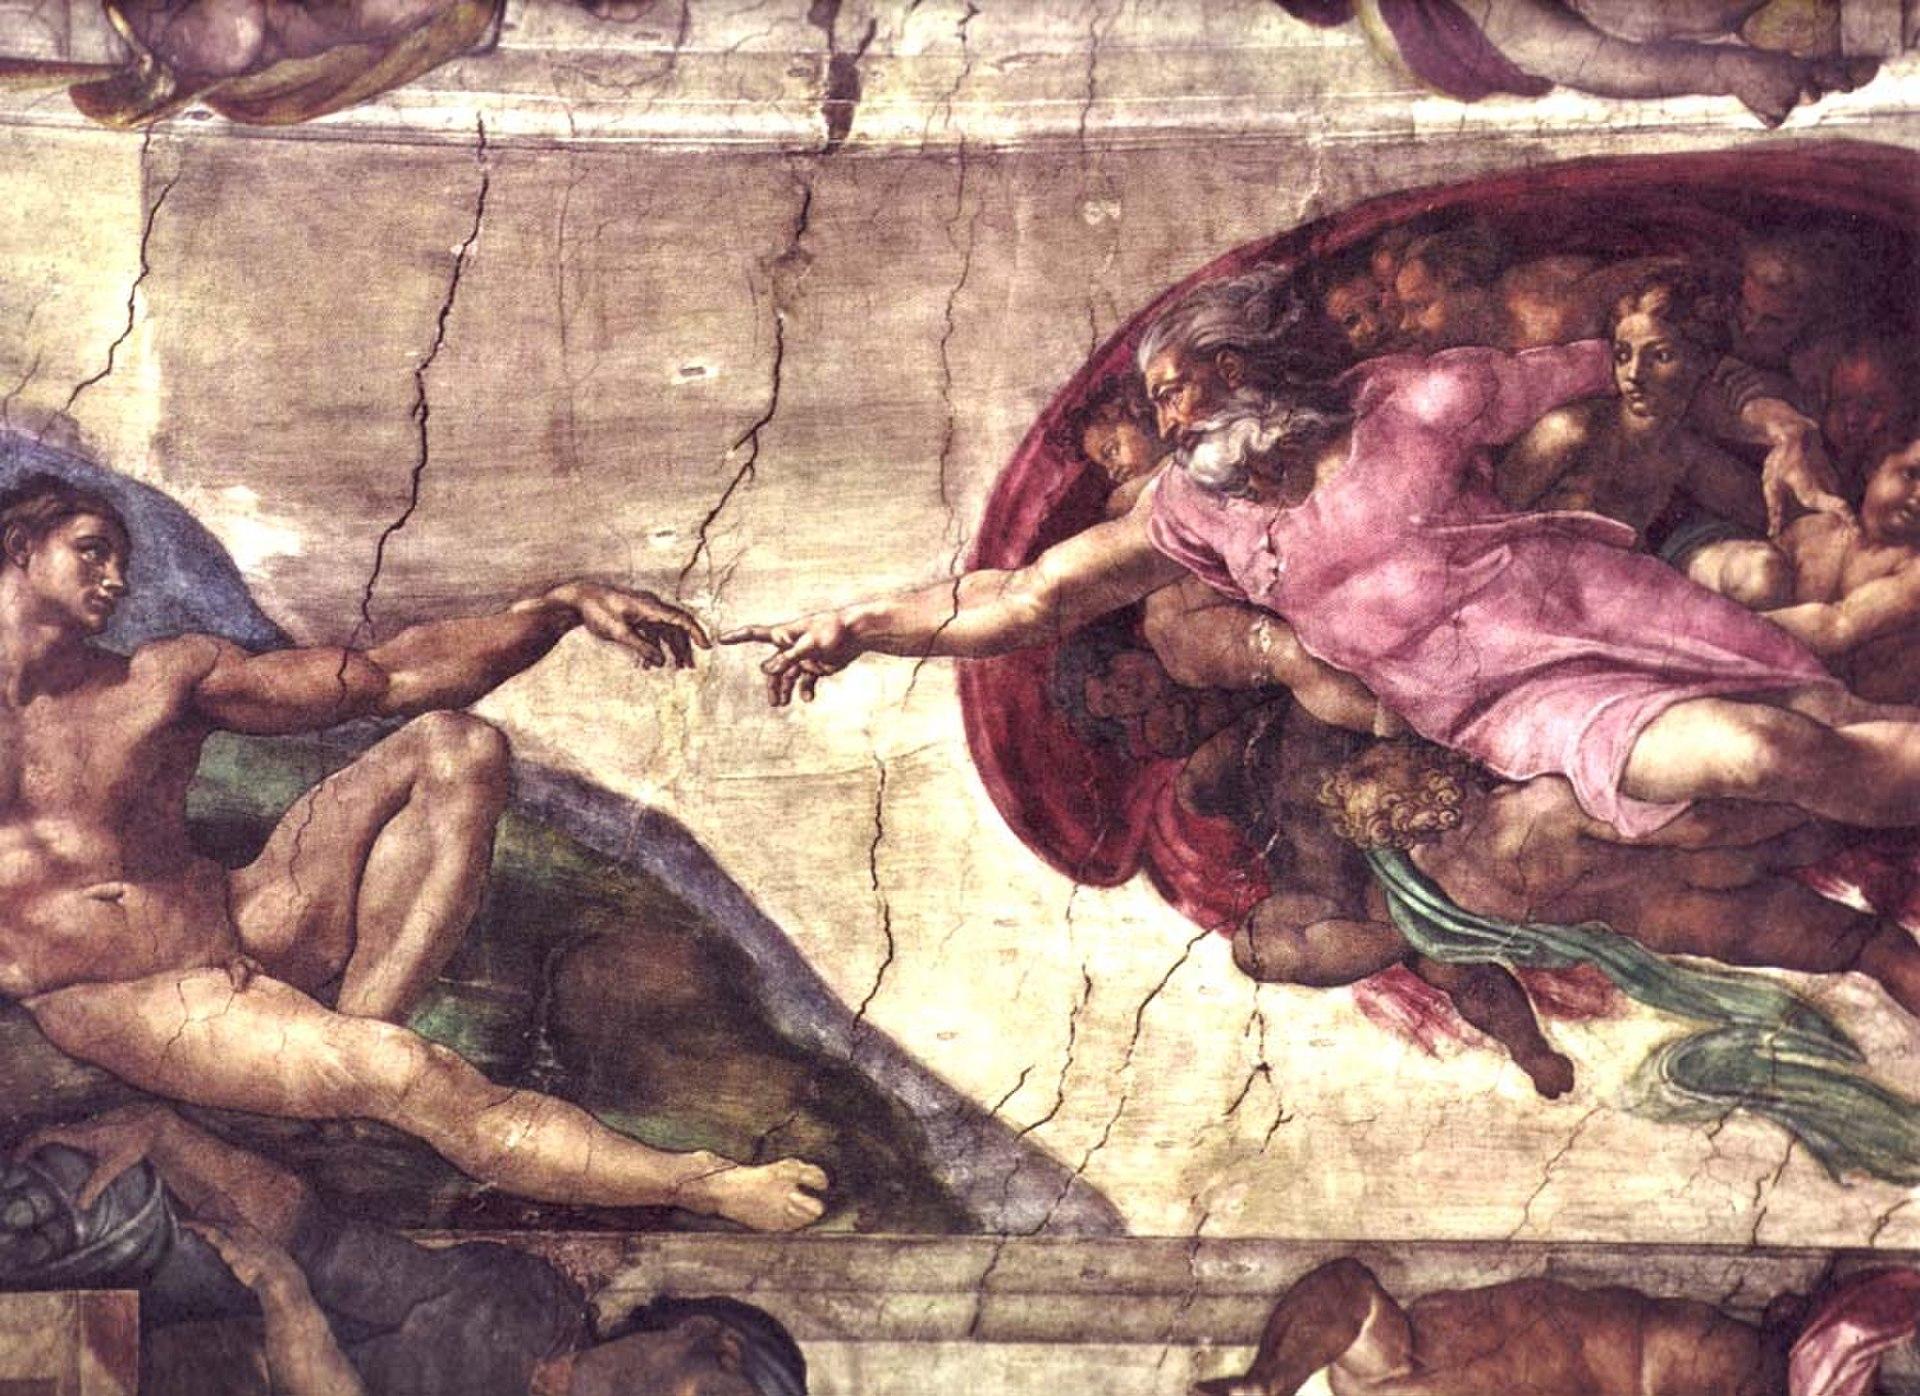 En La creación de Adán, Miguel Ángel pintó a Adán casi al mismo nivel que Dios